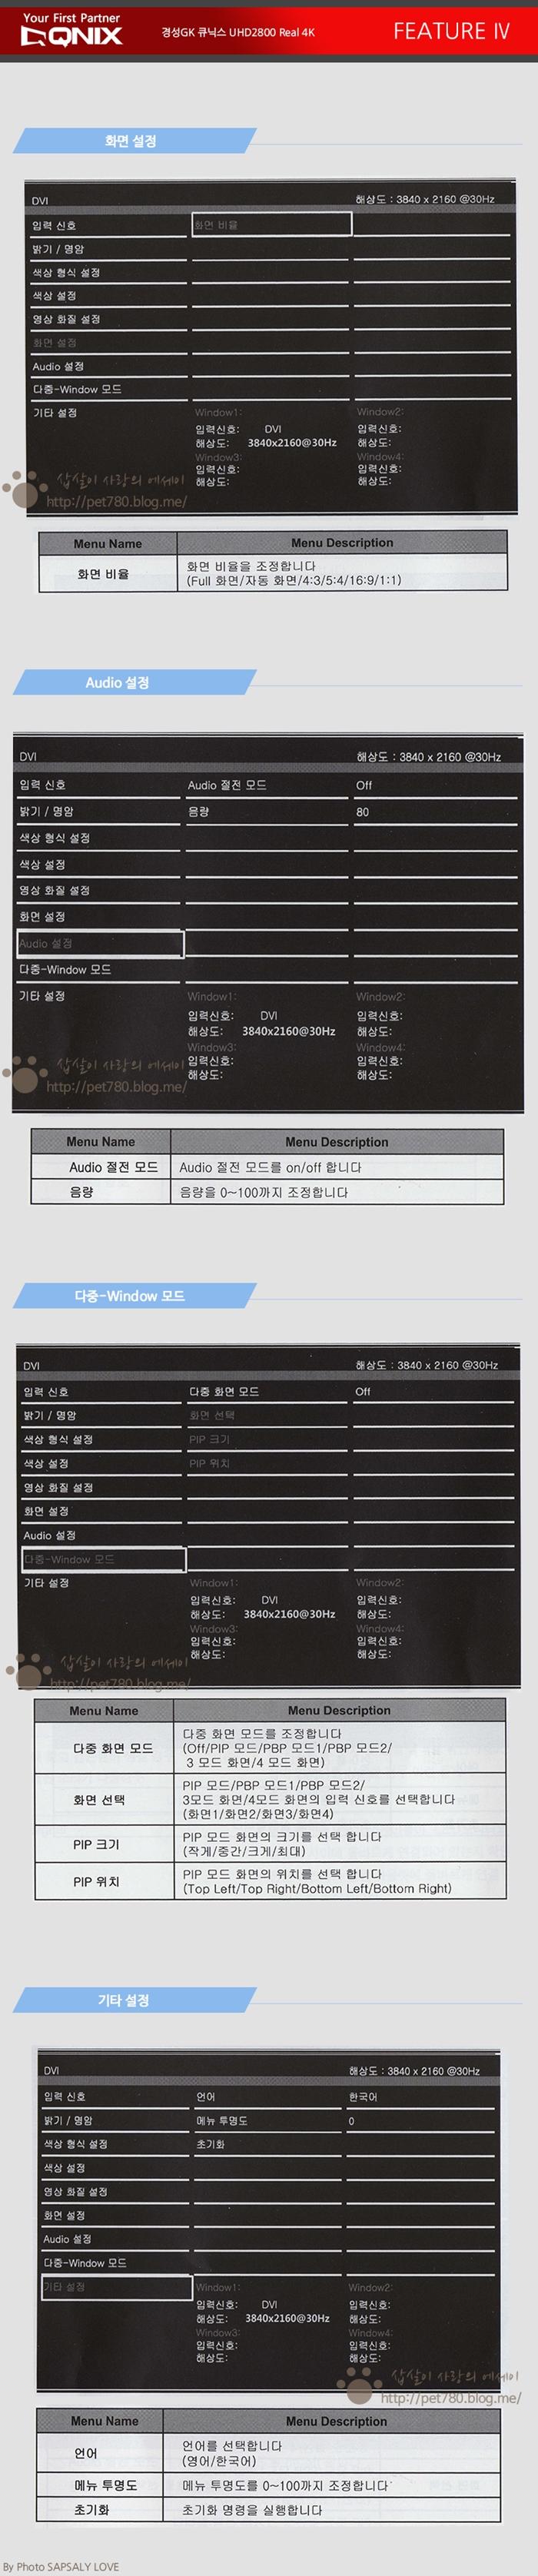 UHD 모니터 특징4 경성GK 큐닉스 UHD2800 Real 4K.jpg